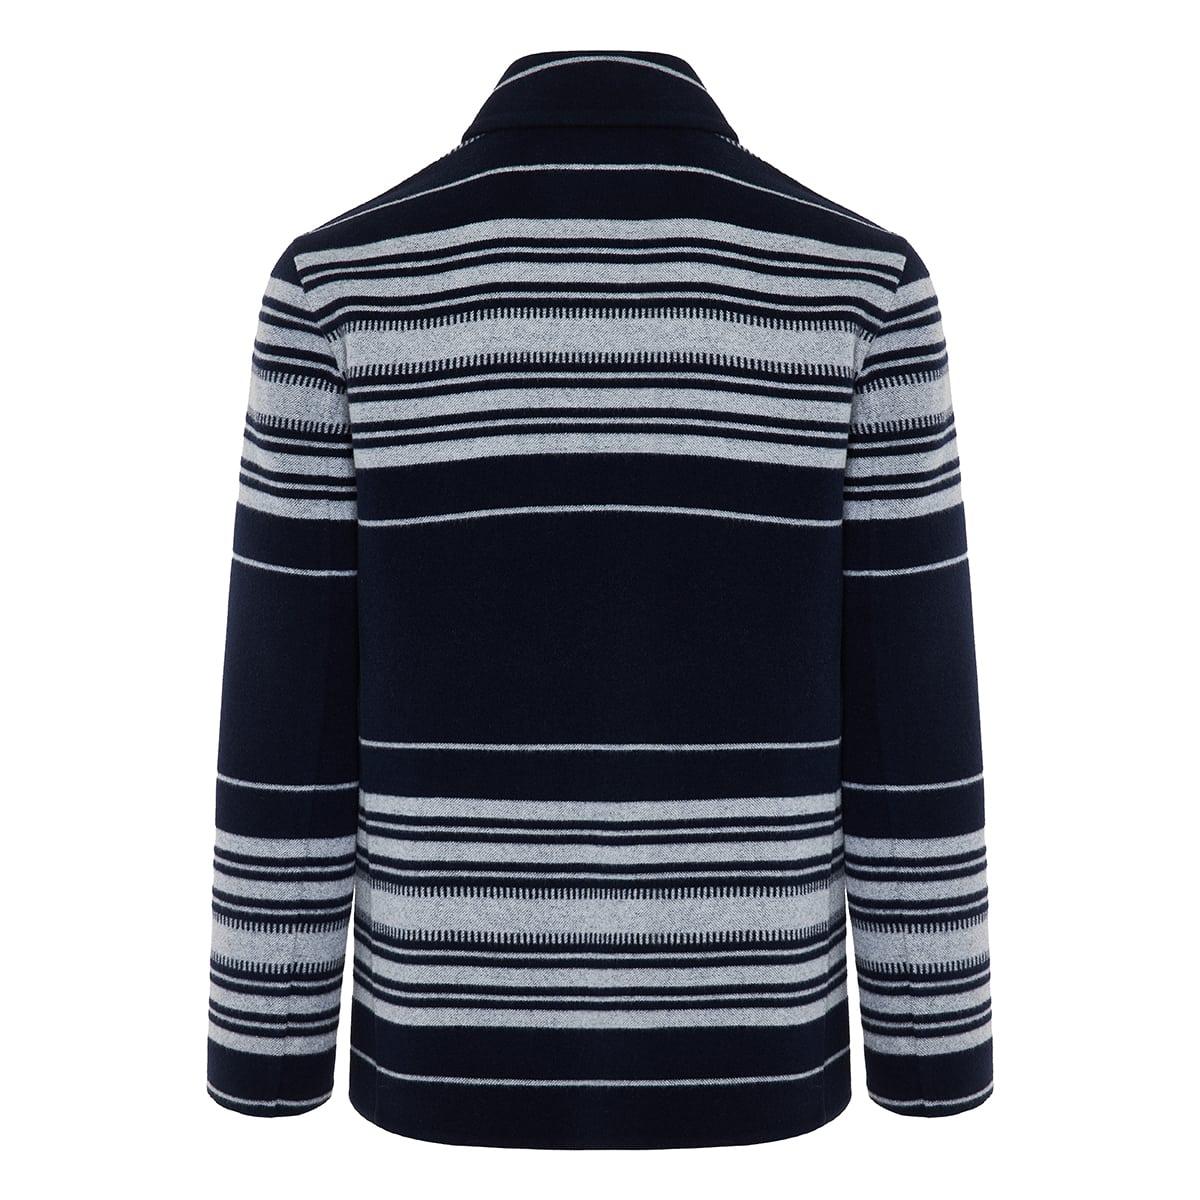 Striped workwear jacket